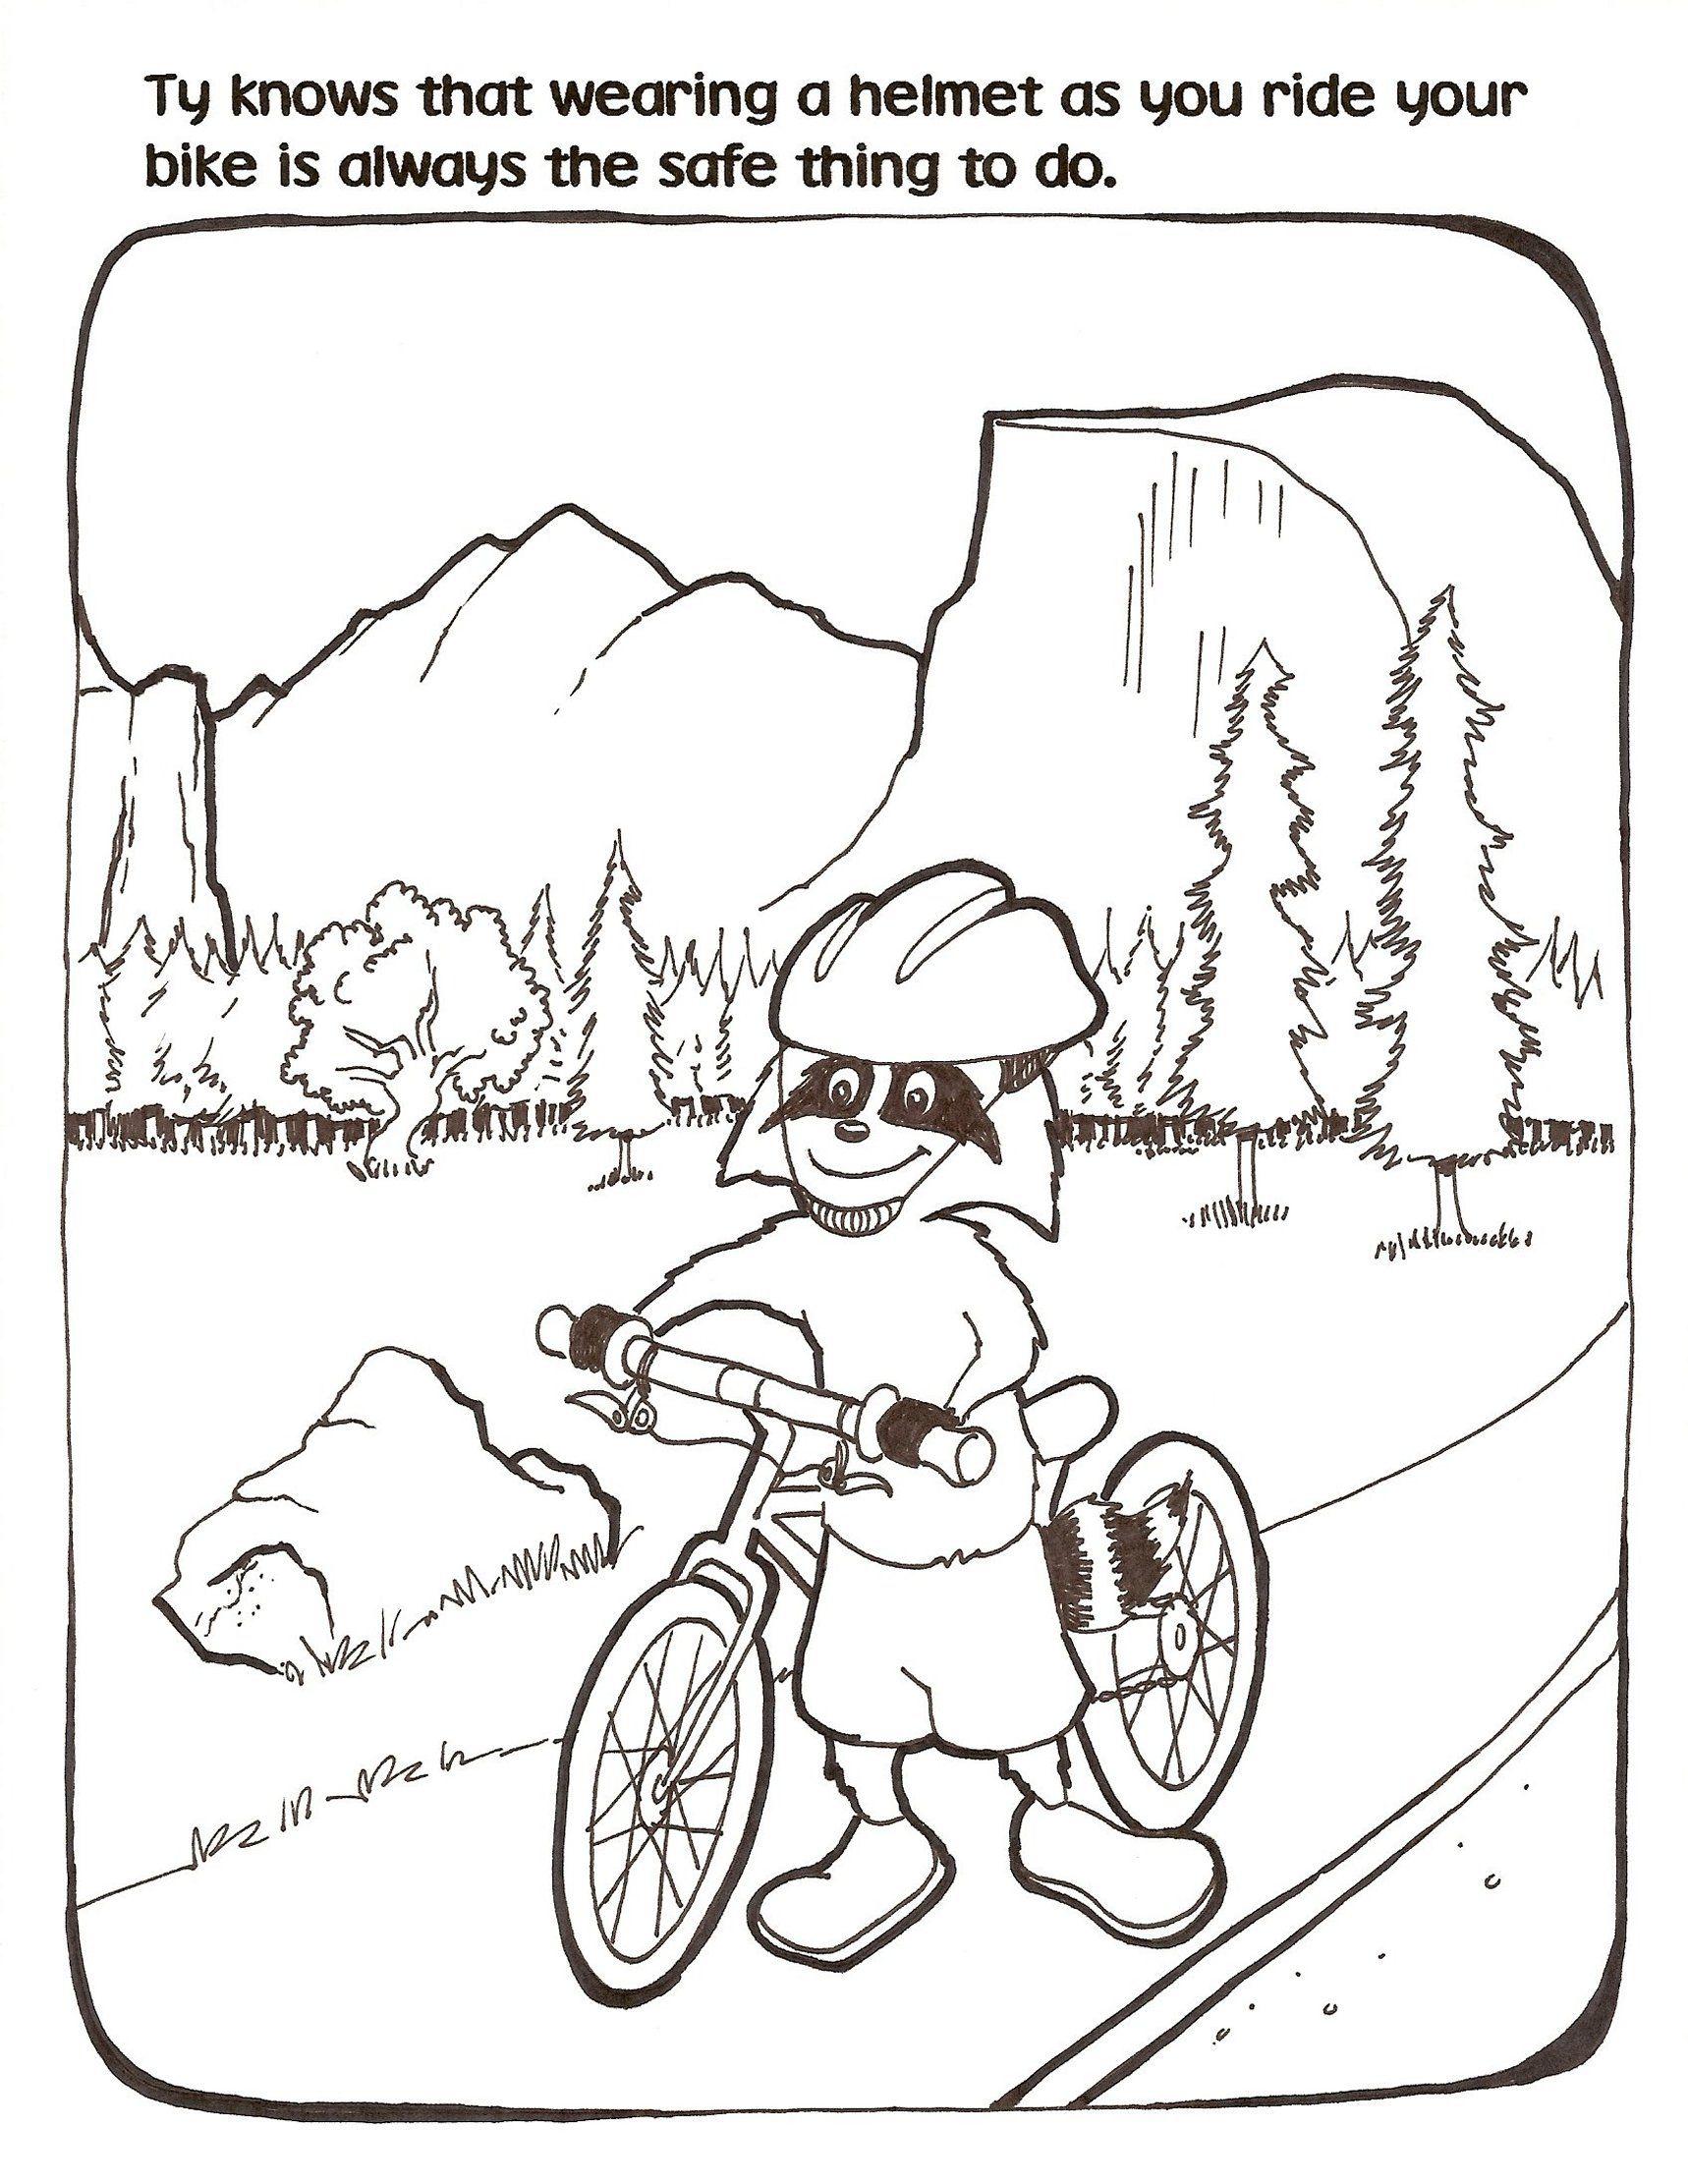 bike ride safety